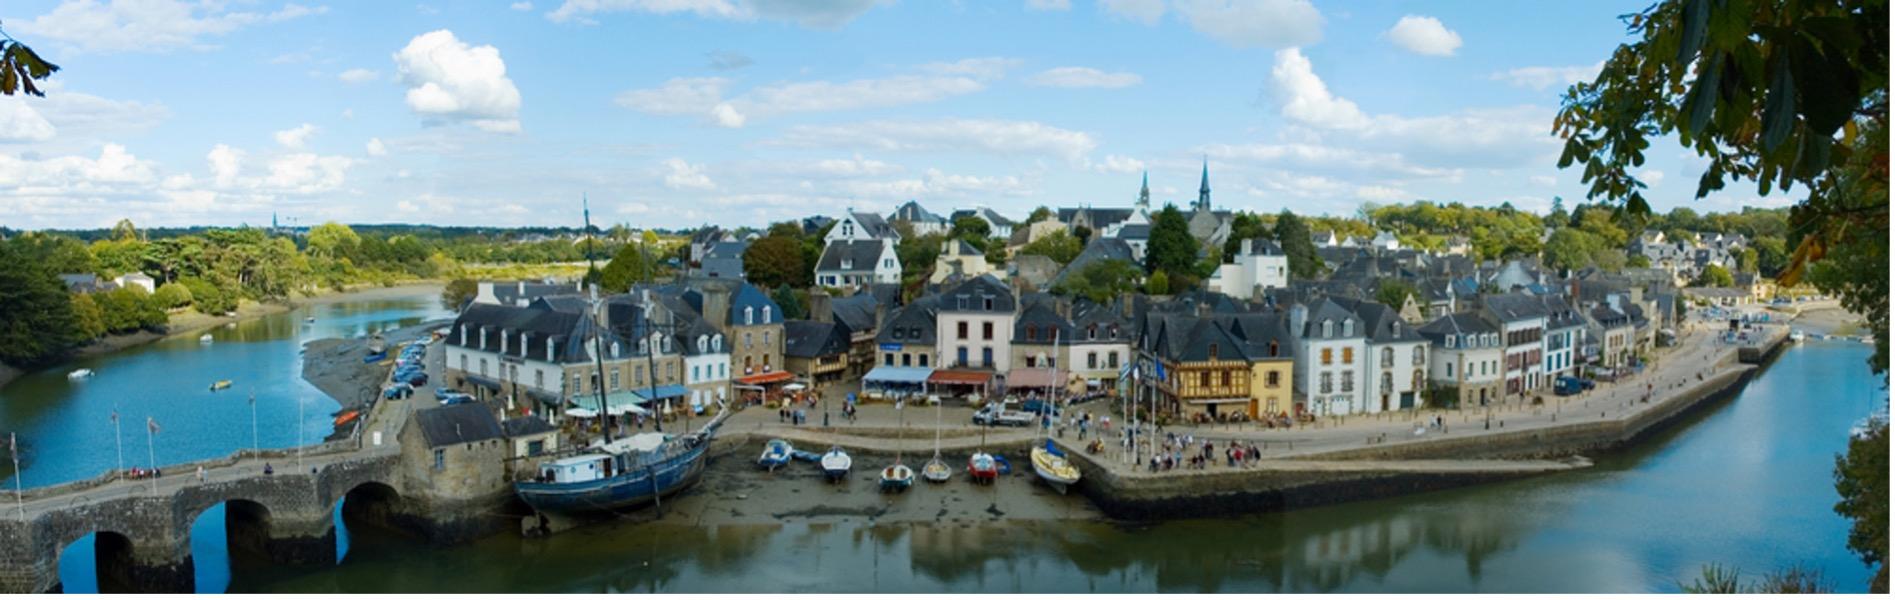 Photographie du port de Saint Goustan à Auray